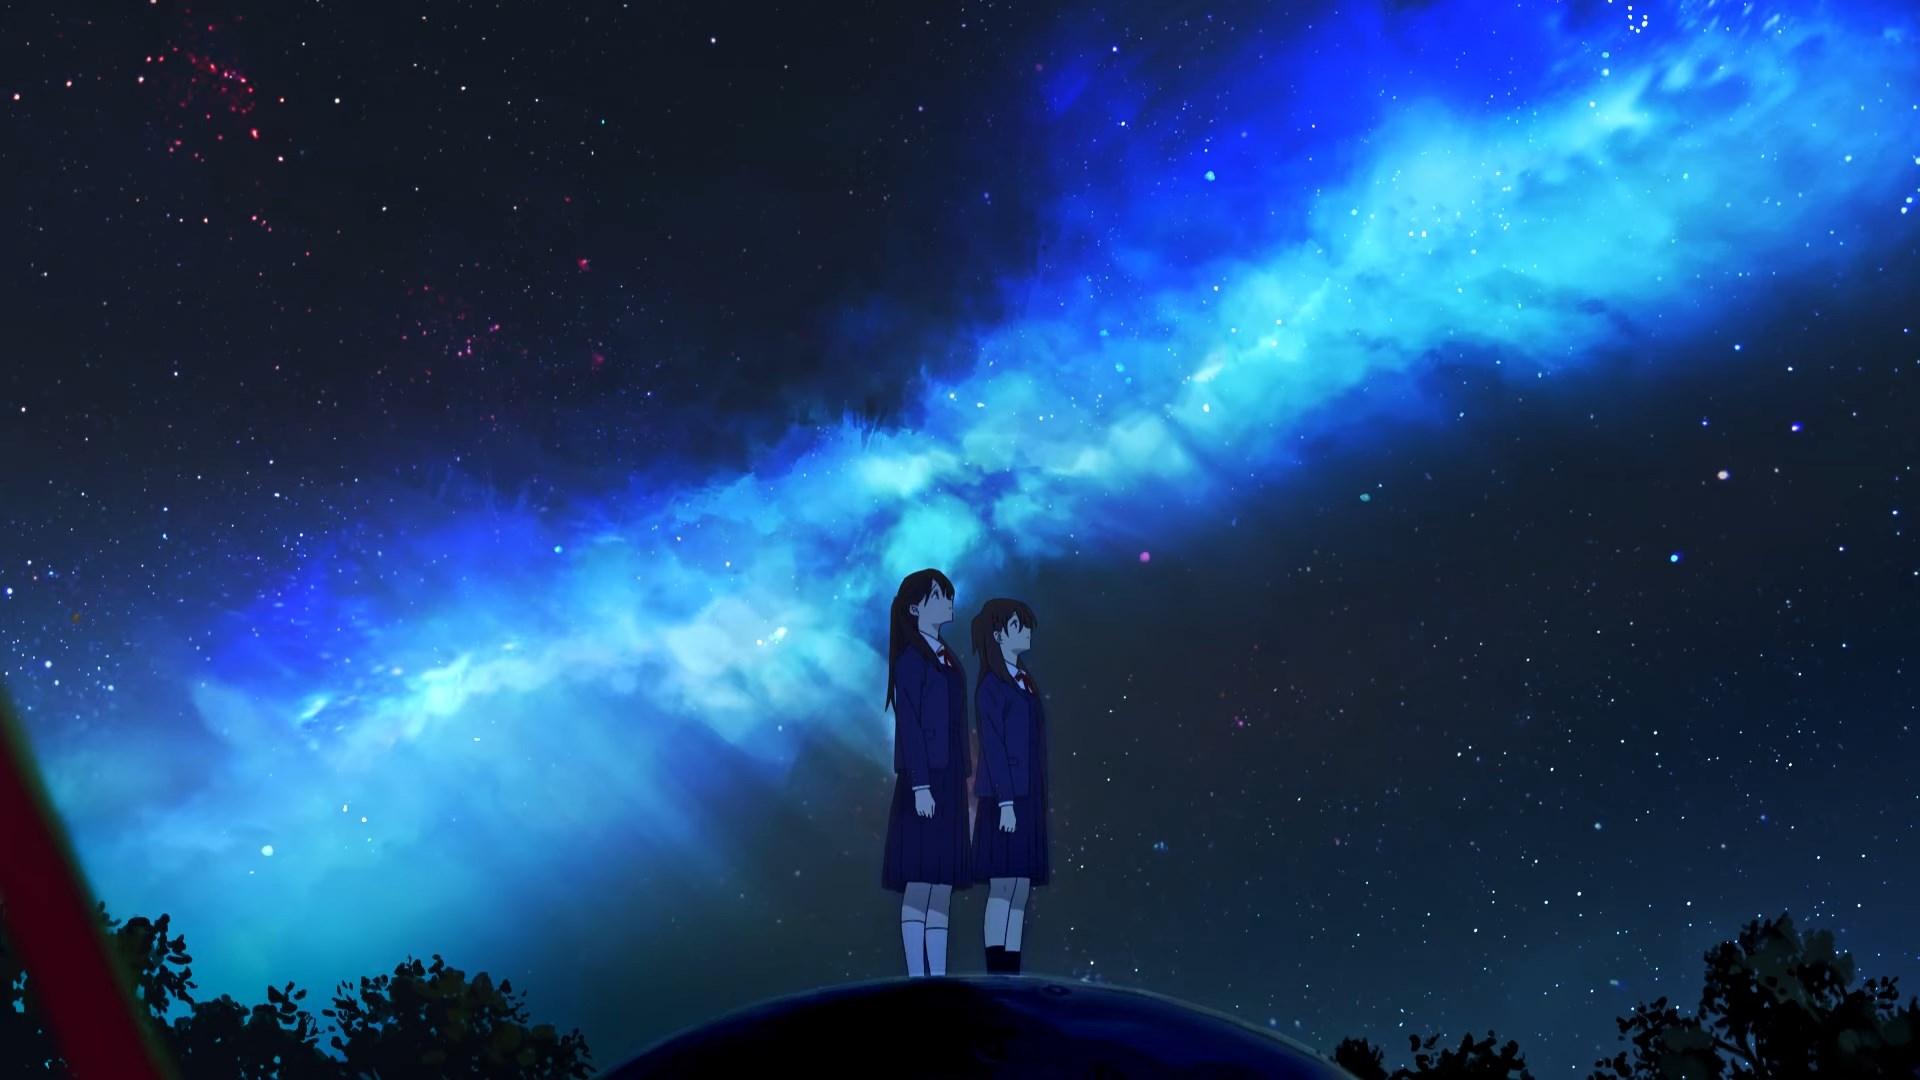 我身旁的遥远星辰